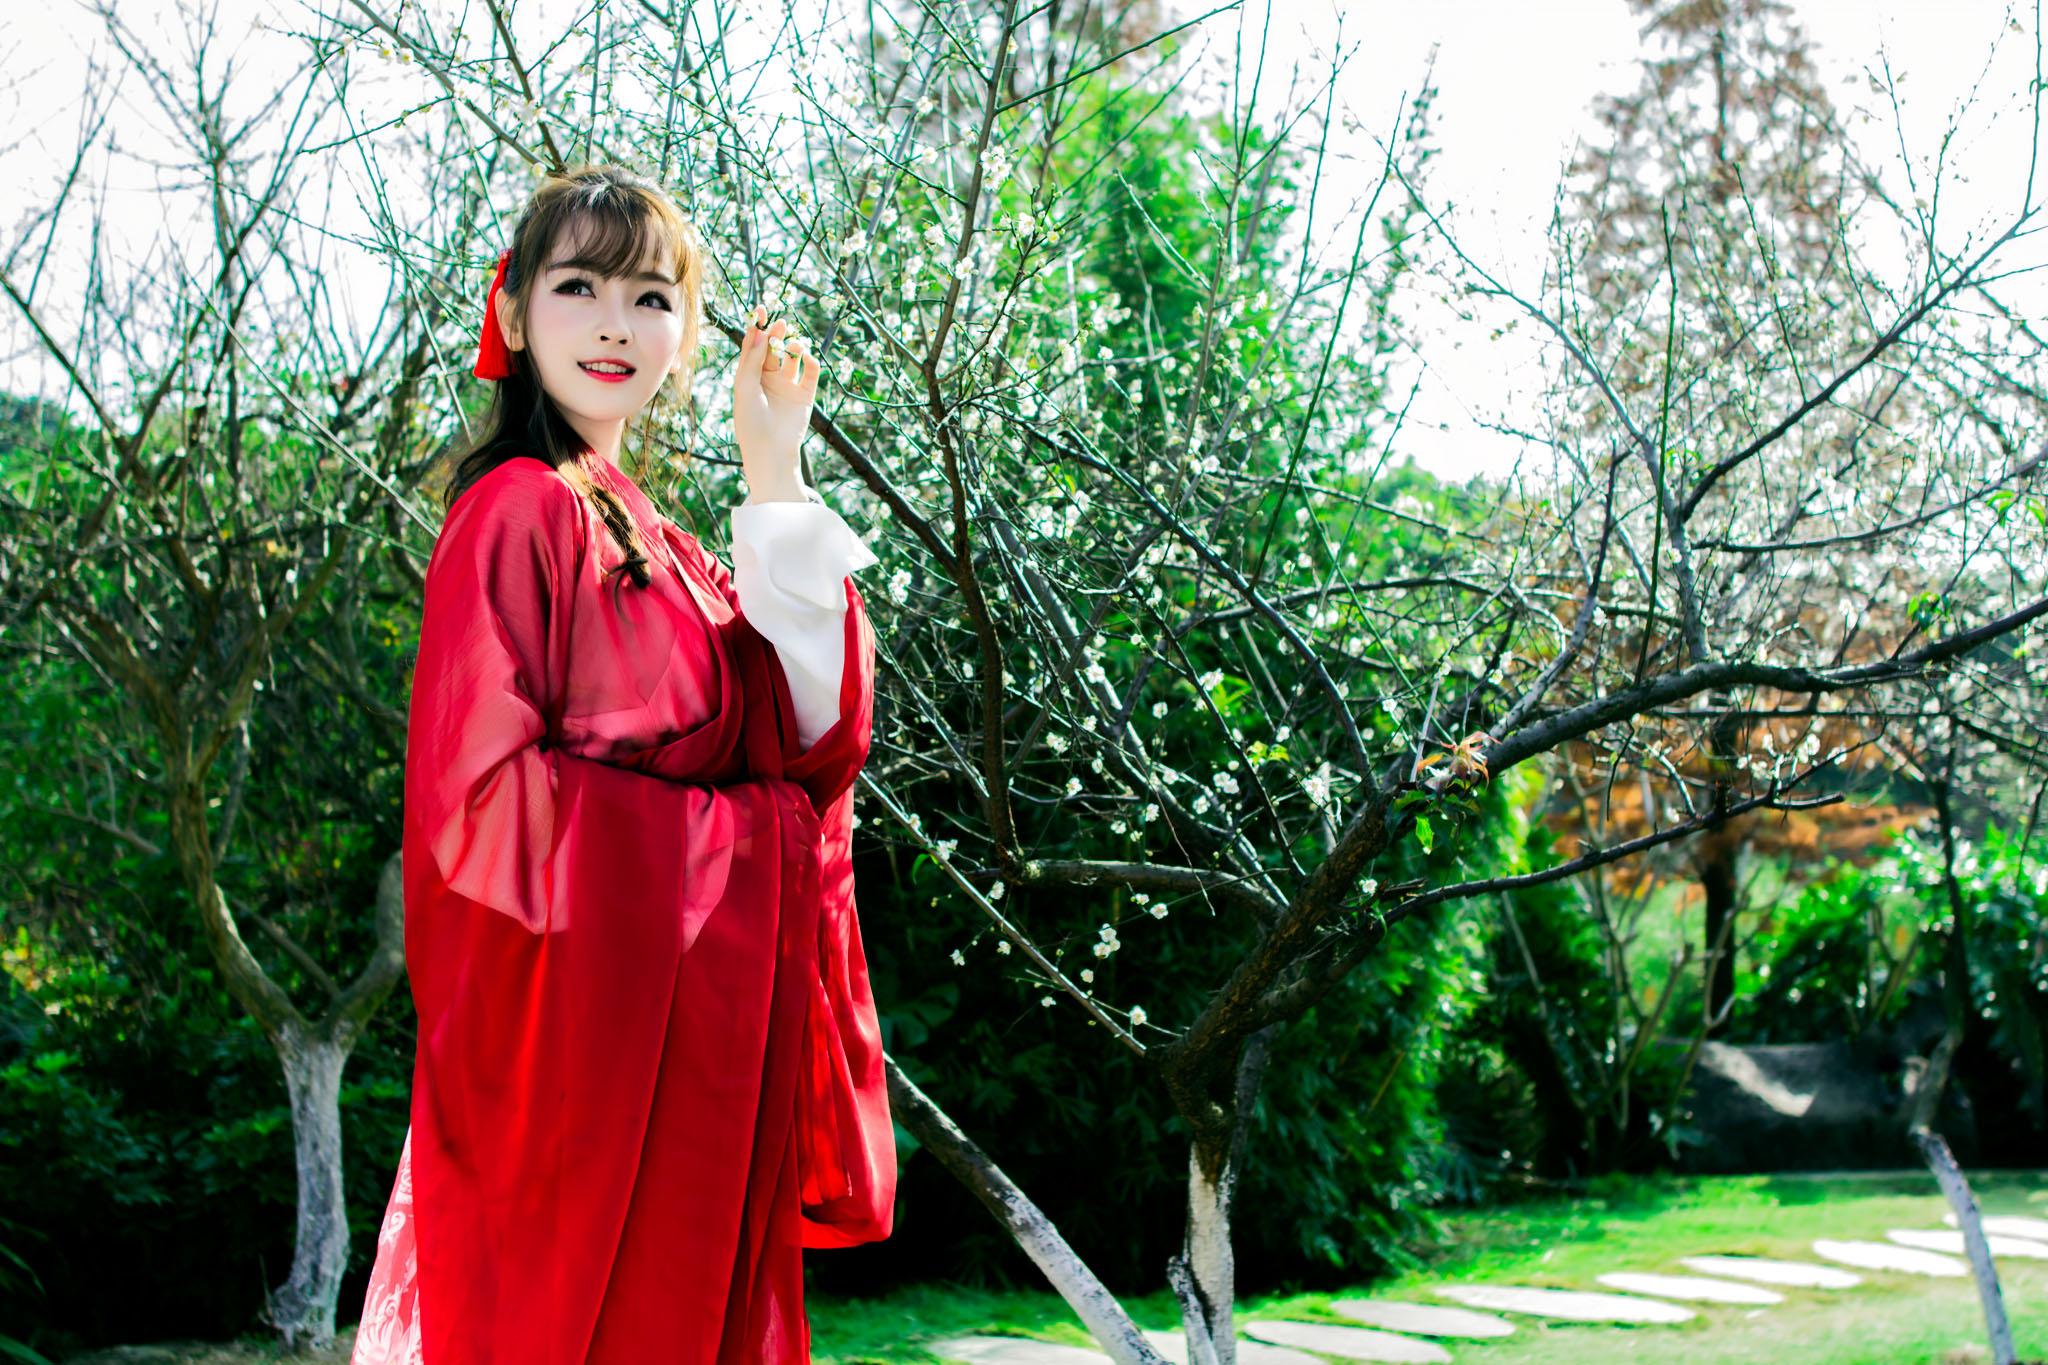 把爱的背影  洒在时光中【情感美文】 - 花仙子 - 花仙子的博客